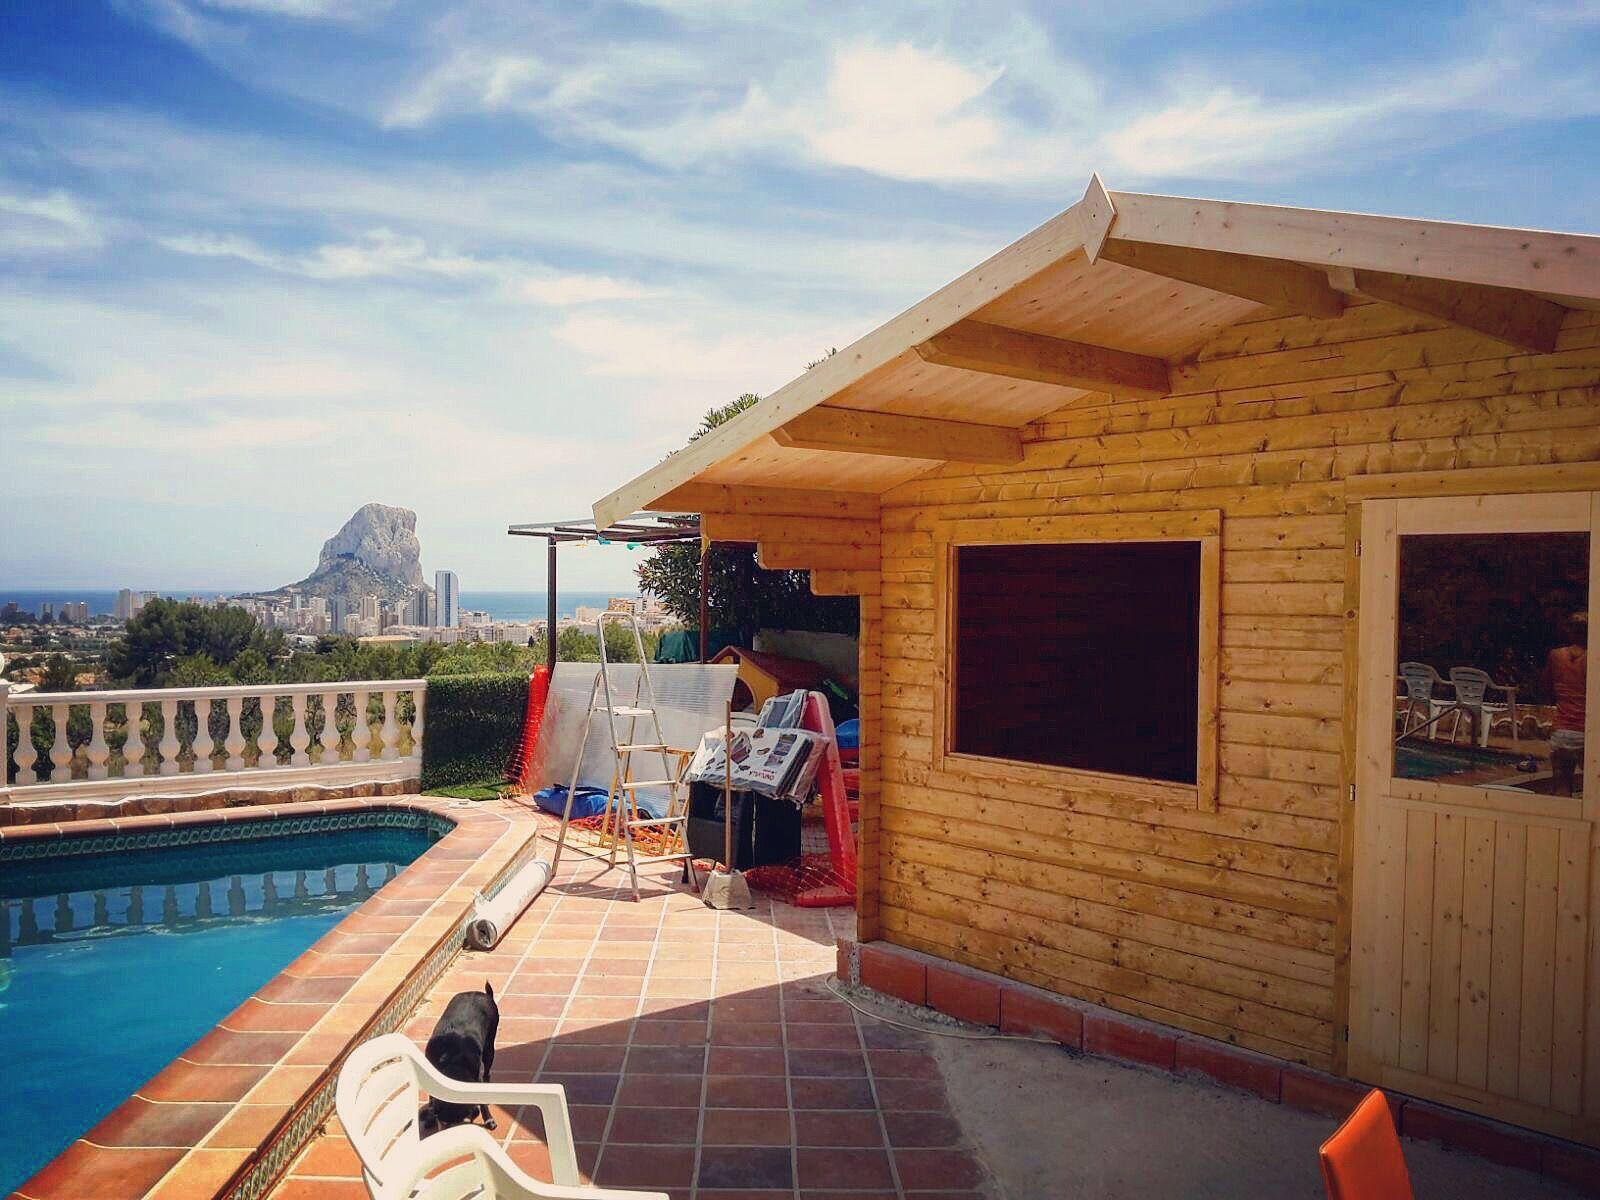 Montaje De Una Caseta De Madera Casa De Madera En Calpe Casa Prefabricada Con Piscina Y Vistas Al Mar En Alicante Caseta De Madera Casas De Madera De Madera